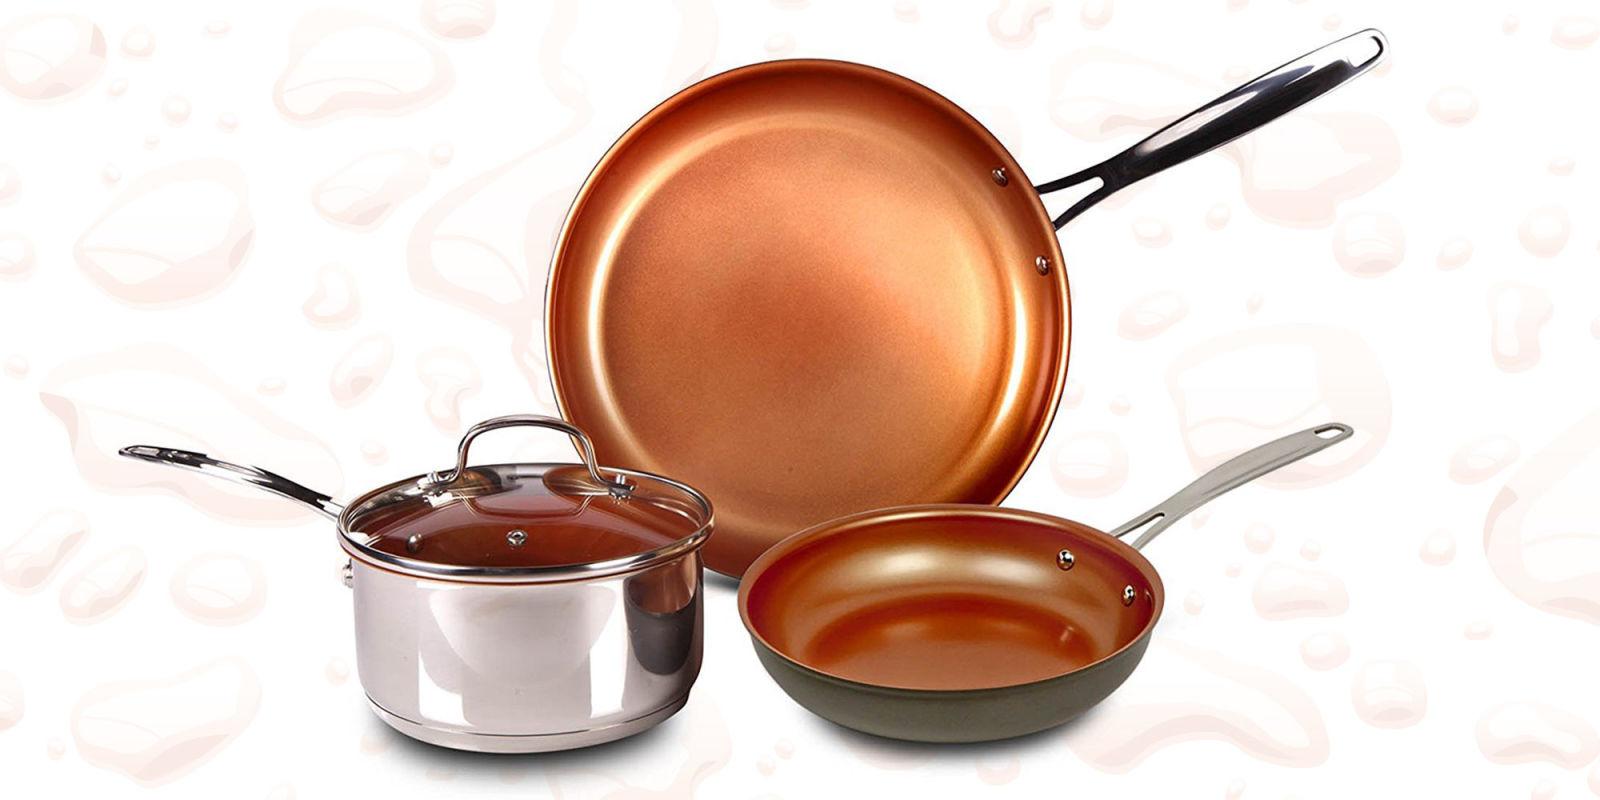 Kitchen Gadget 100 Best Kitchen Appliances And Gadgets 2017 Reviews Of Kitchen